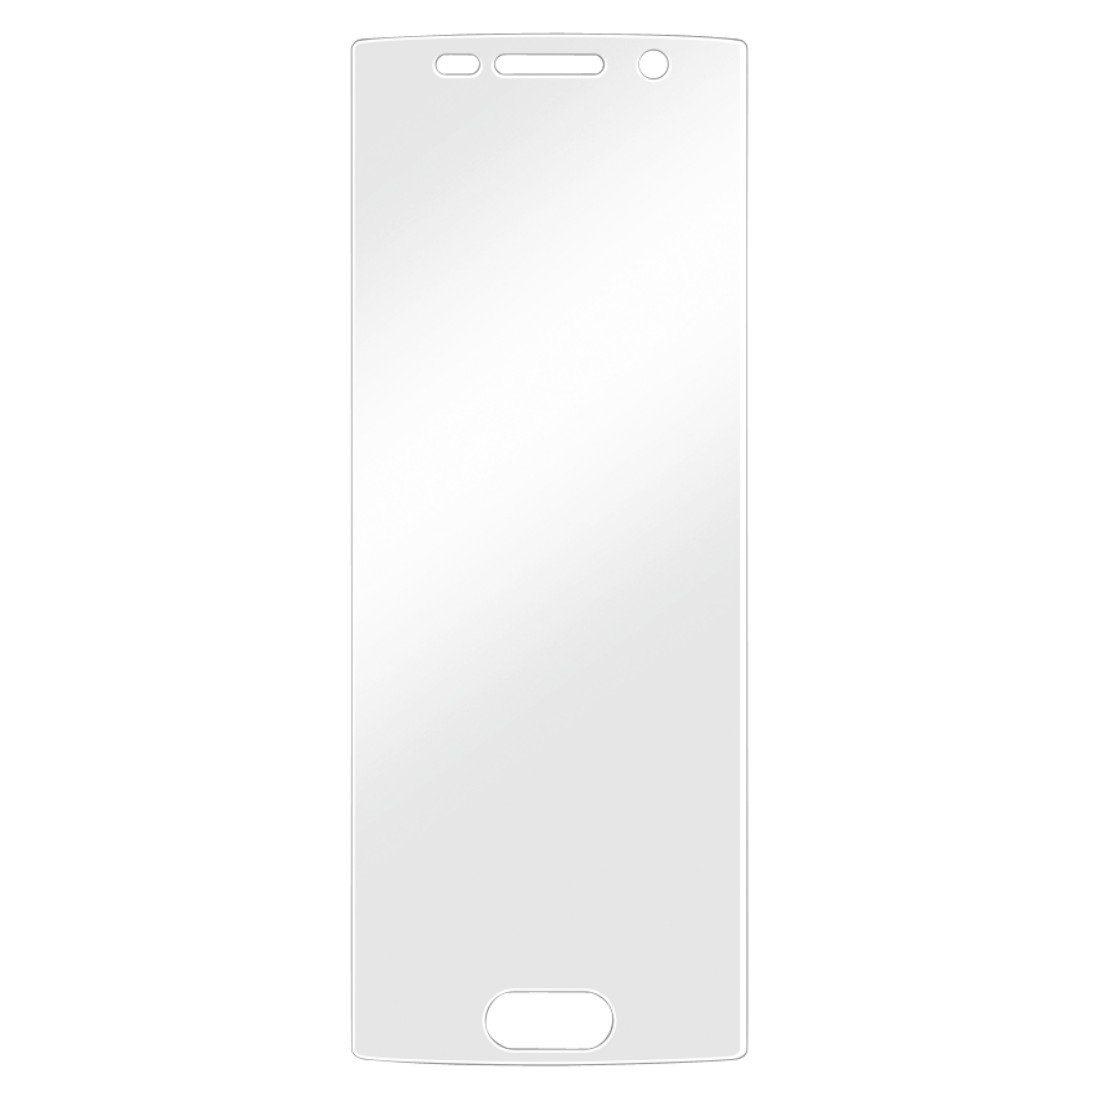 Hama Displayschutzfolie für Samsung Galaxy S6 Edge+, 2er Set »Displayschutz Schutzfolie«